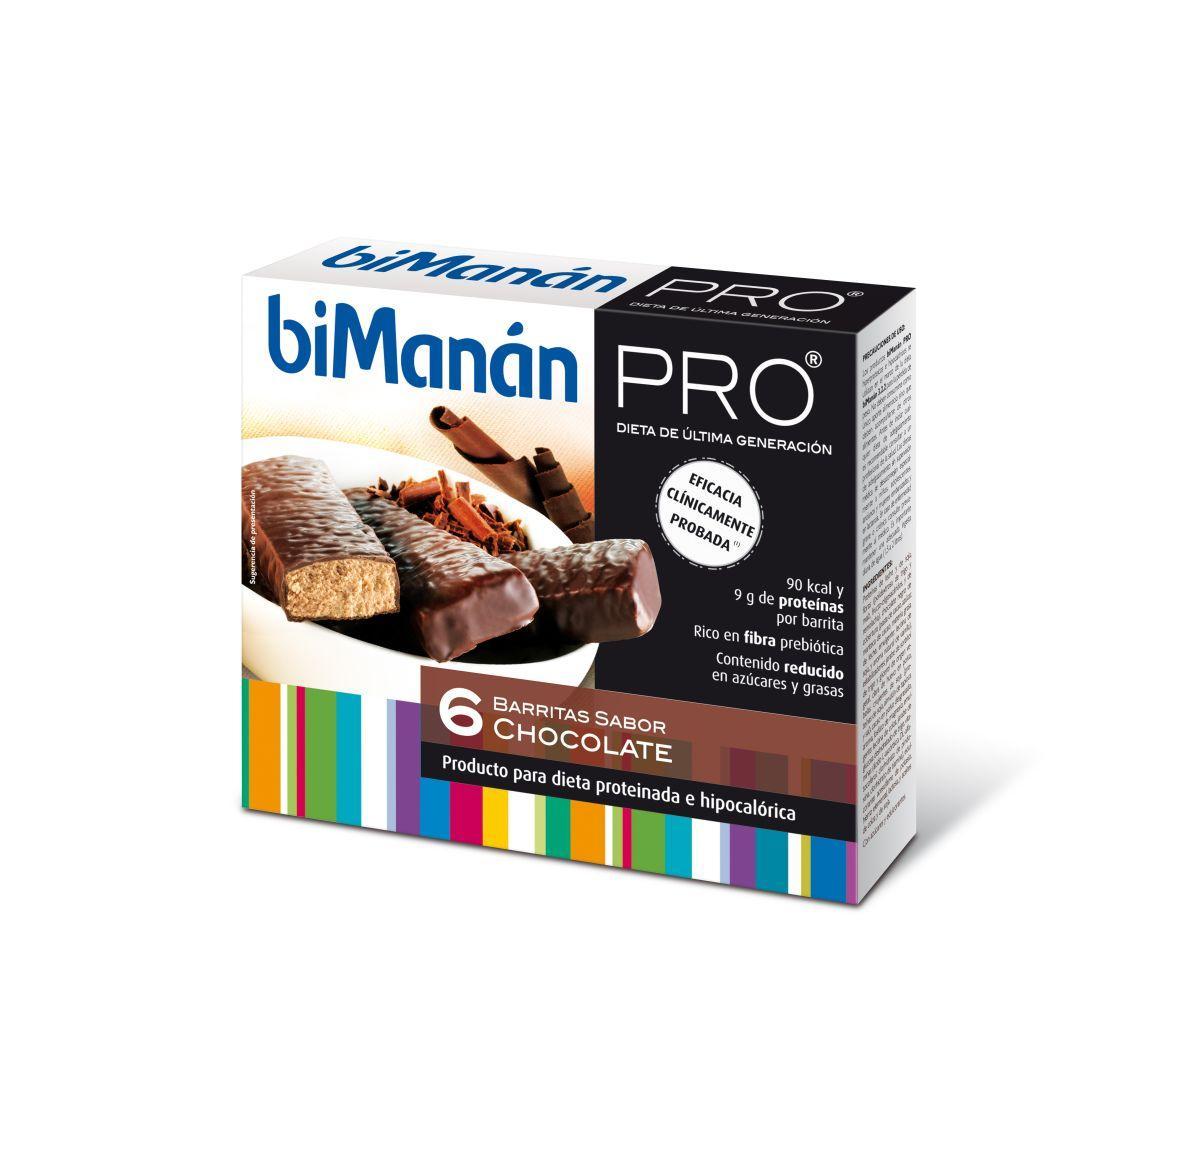 Bimanan Pro Barritas de chocolate 6 unidades